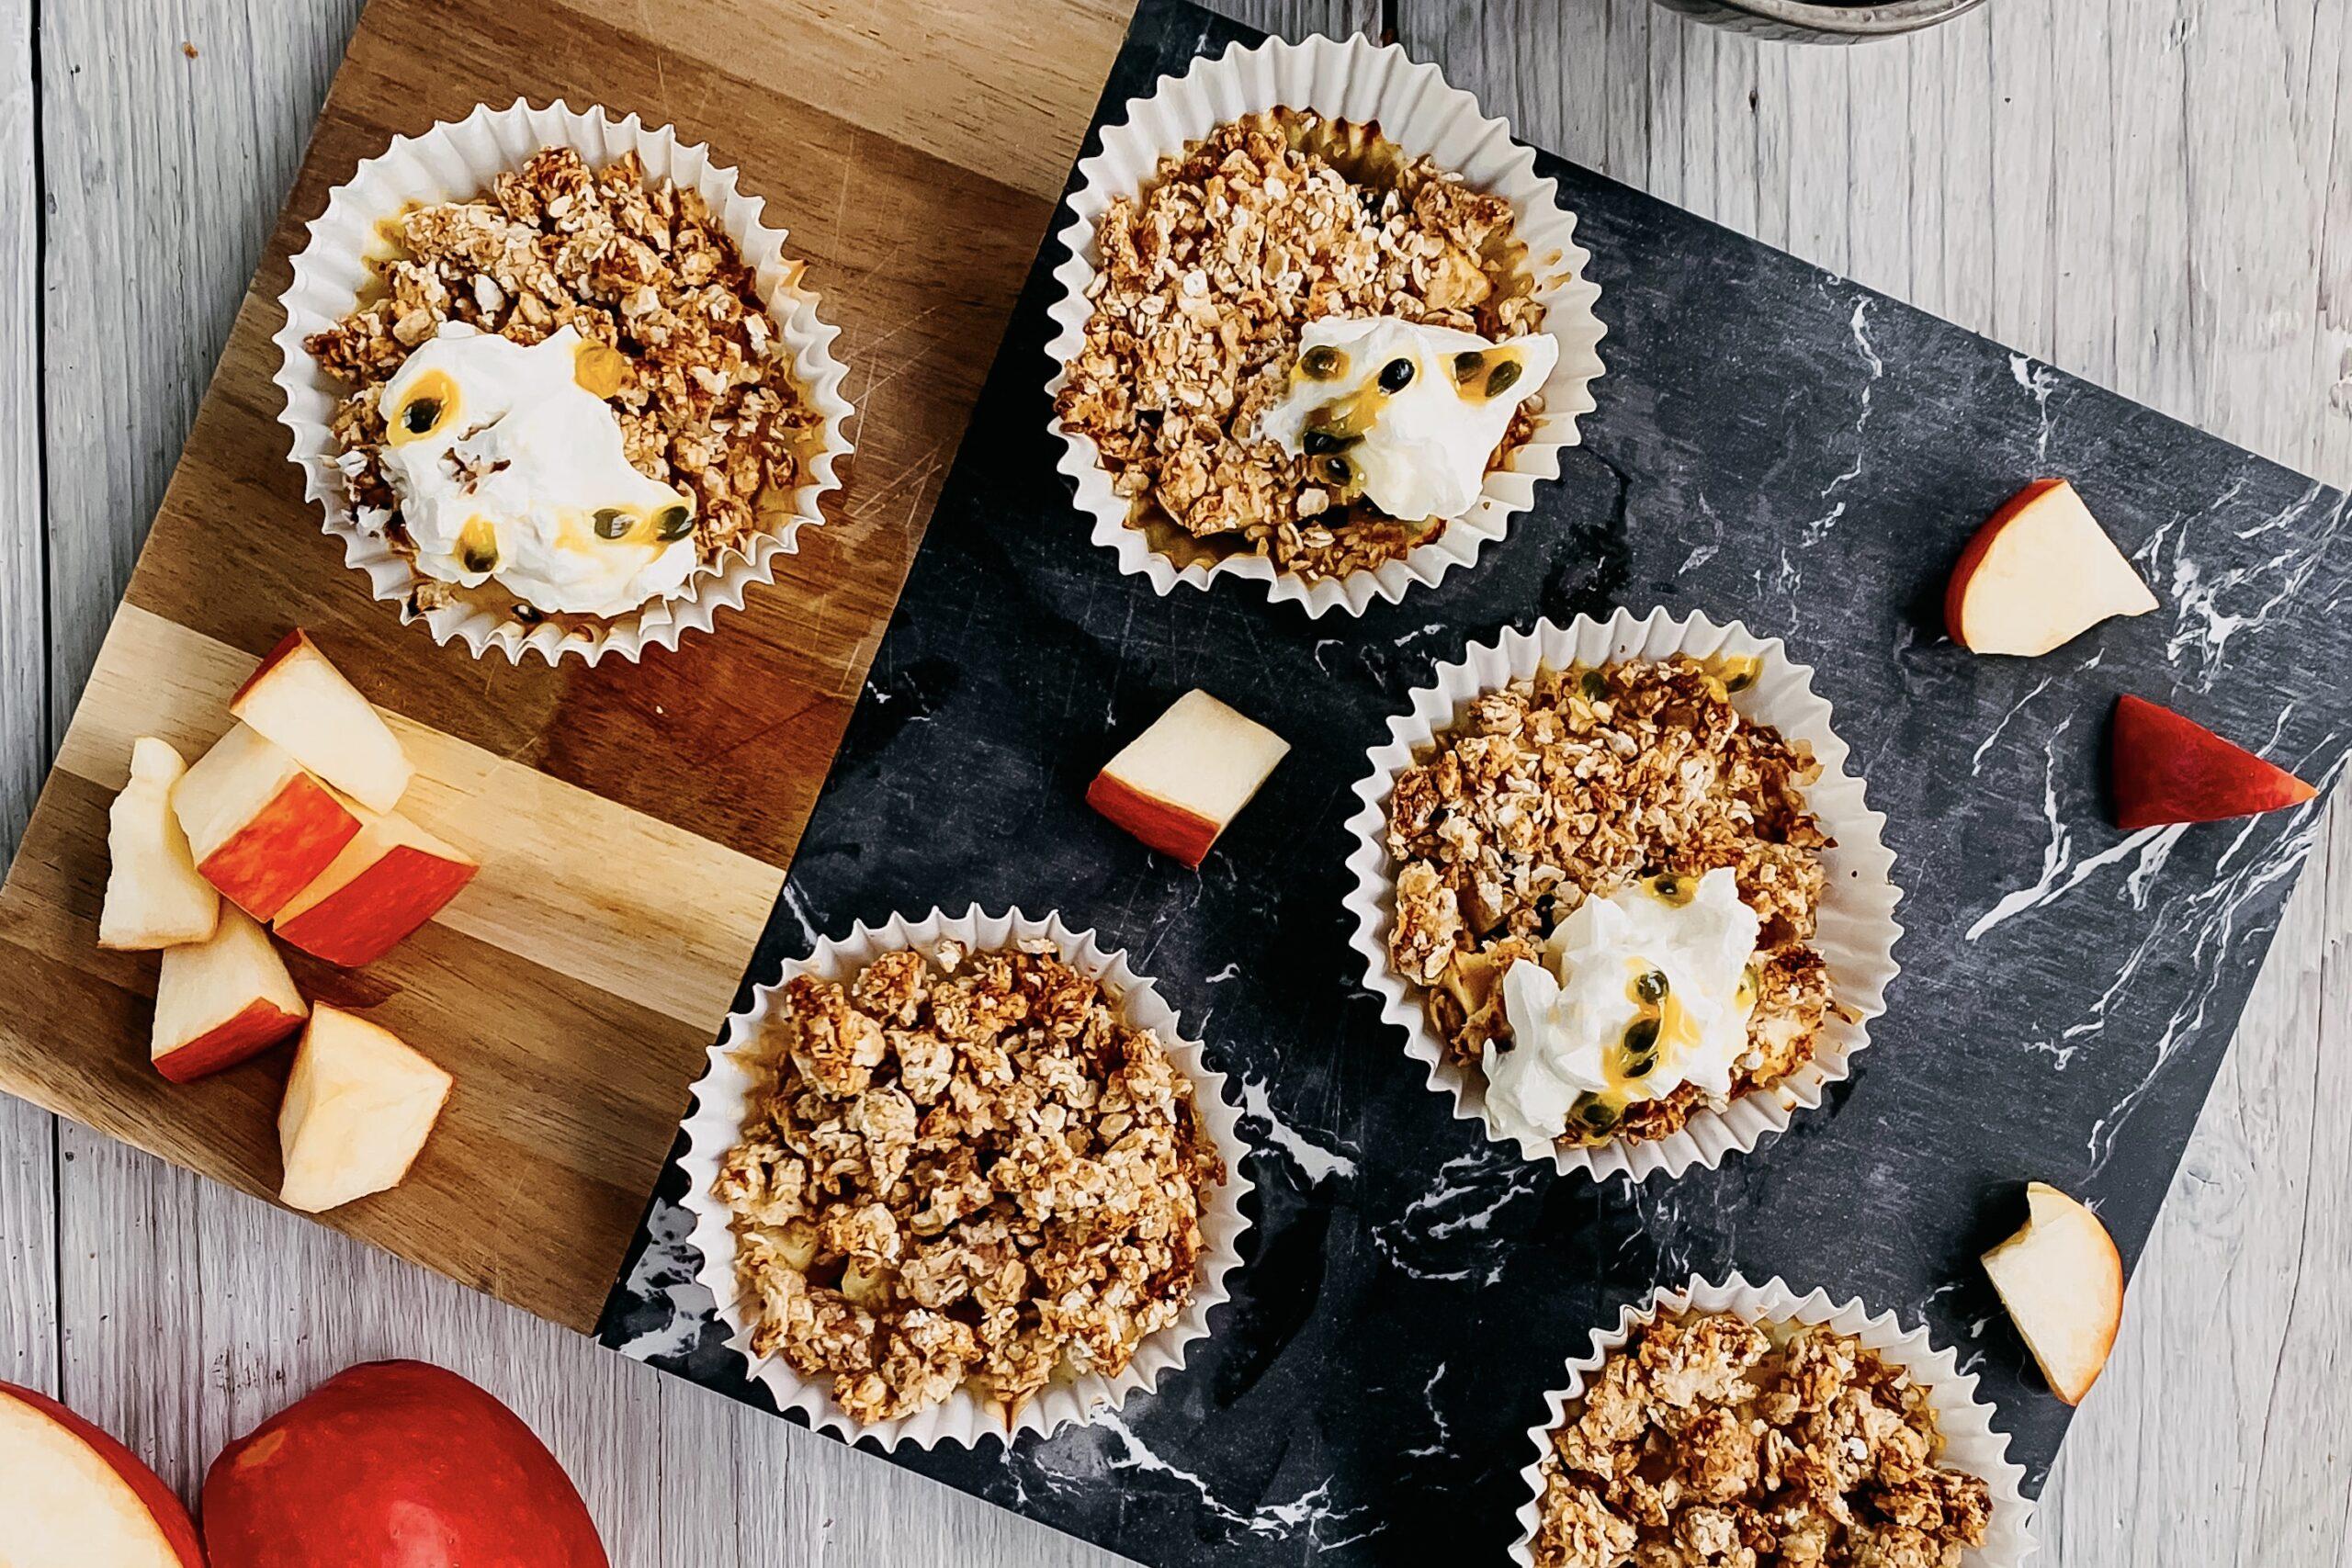 Appelkruimel taartjes met passievrucht